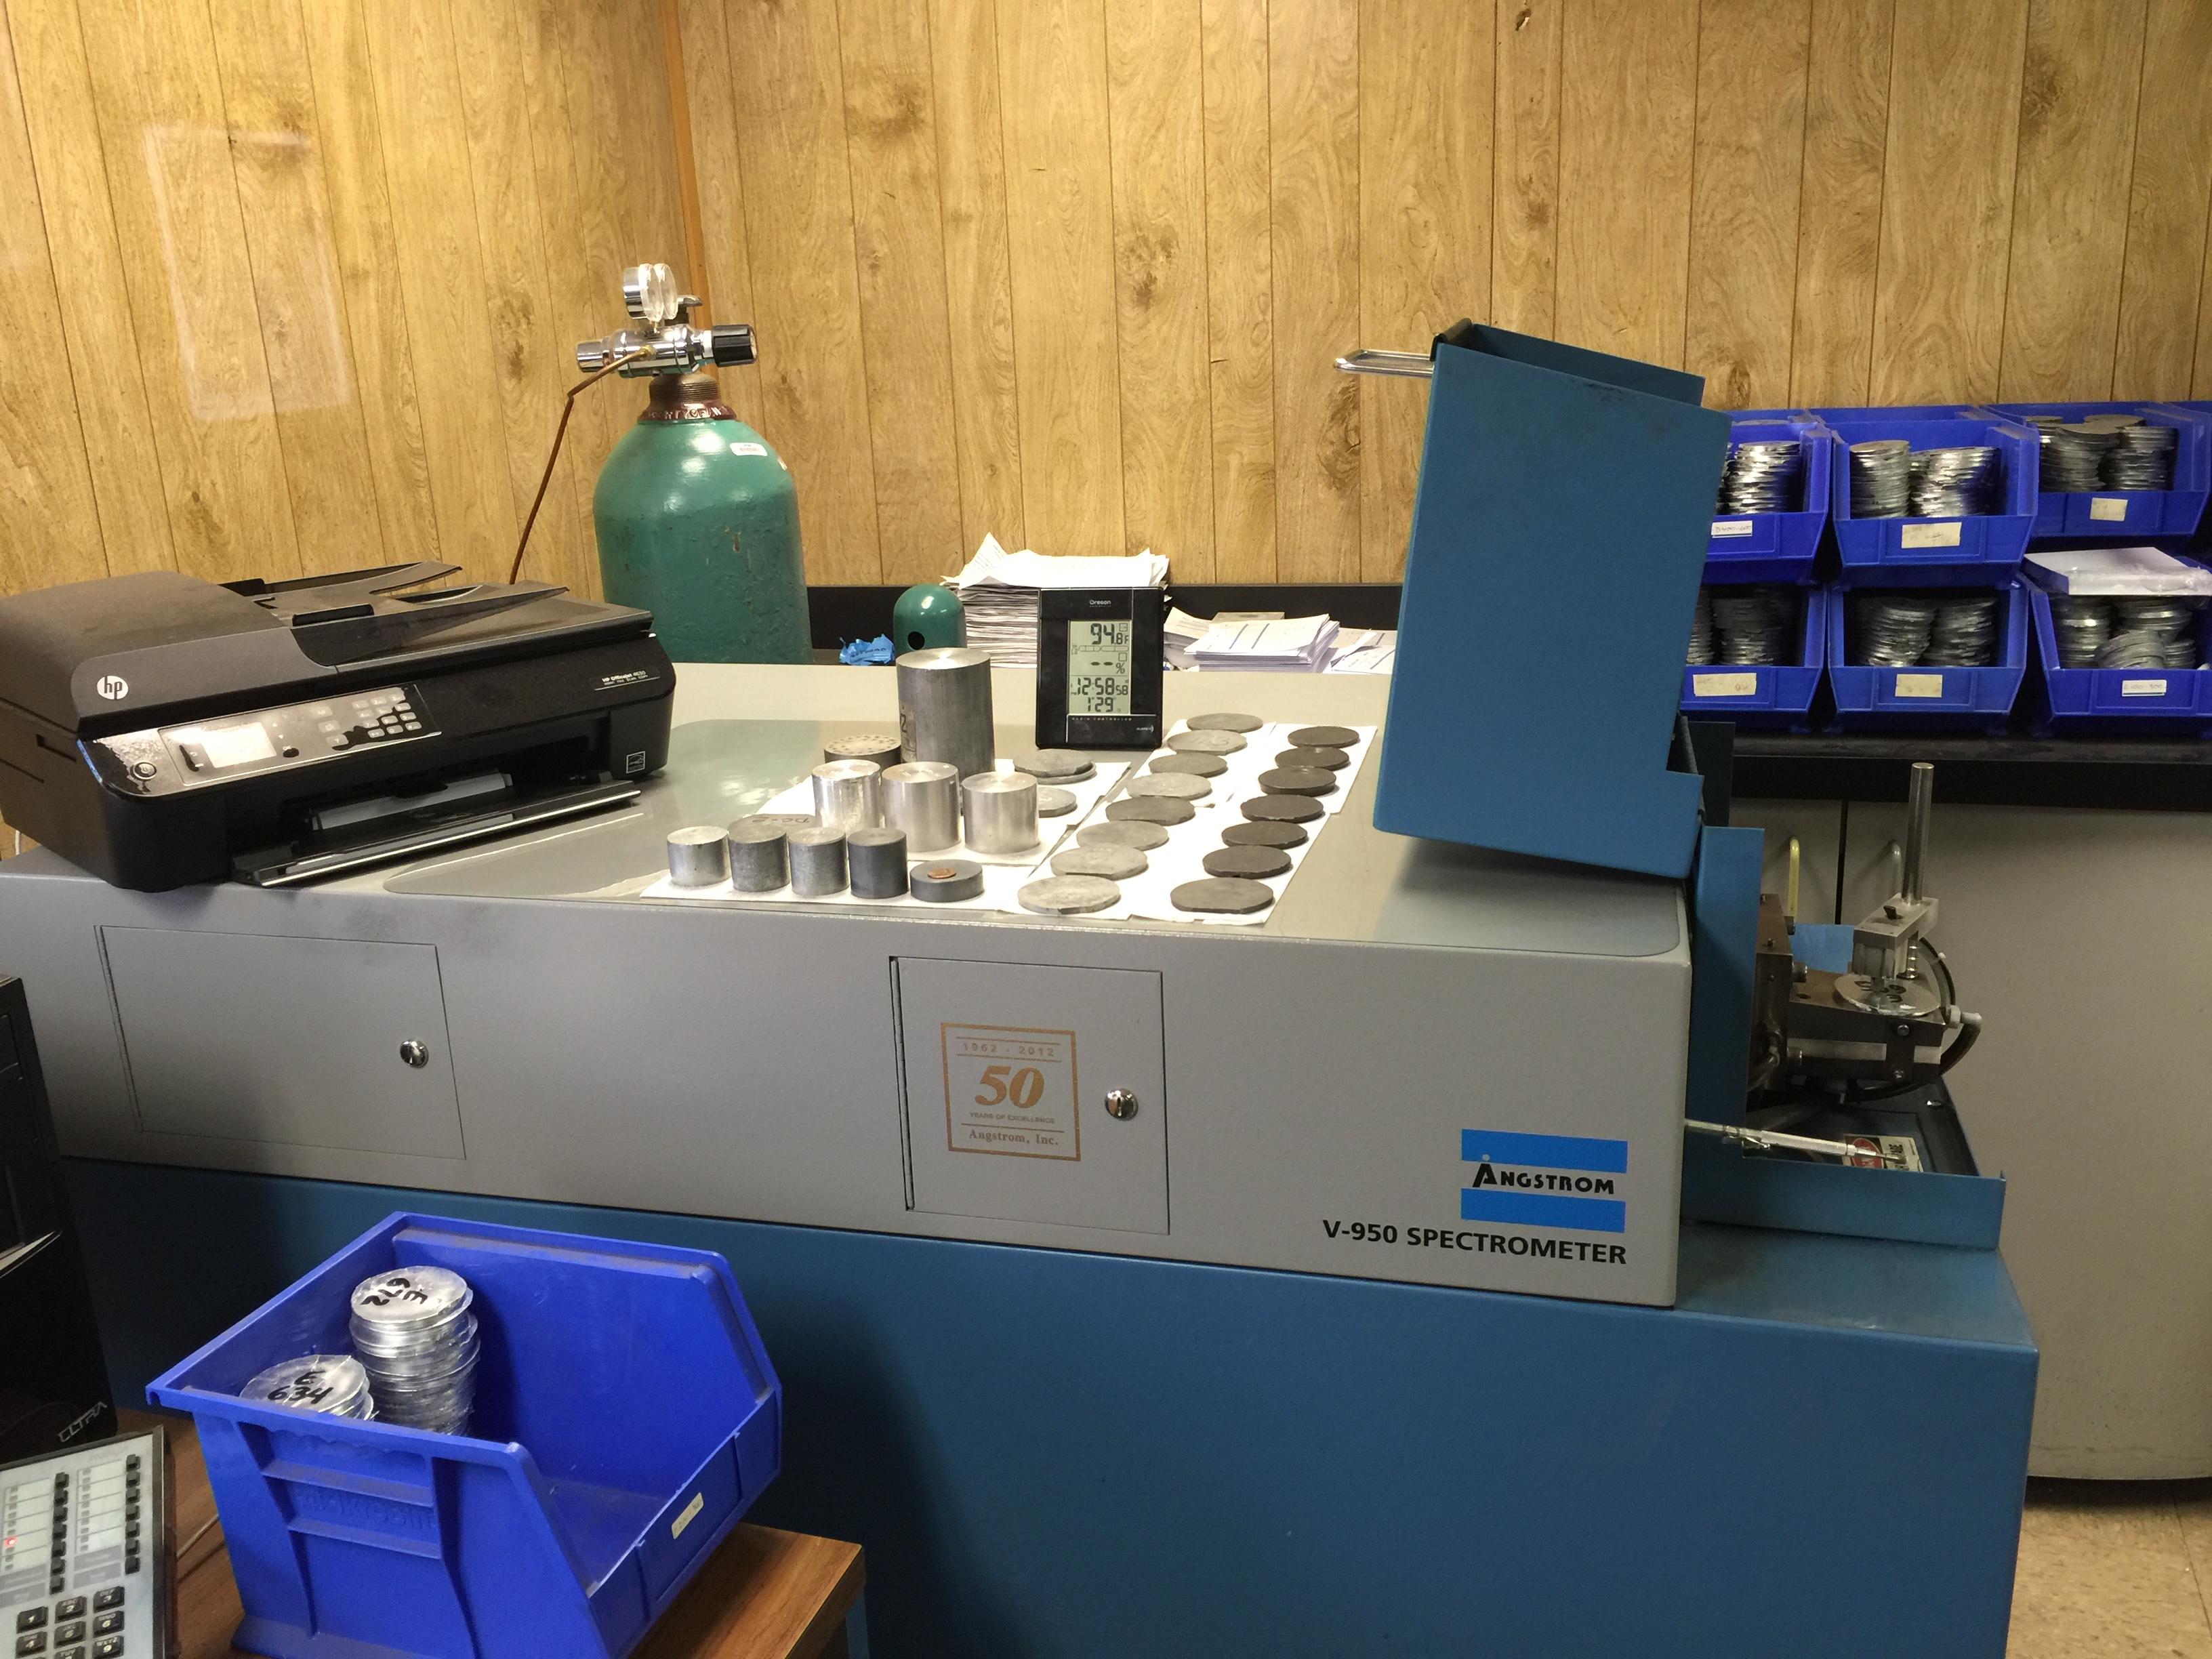 Angstrom V-950 Spectrometer